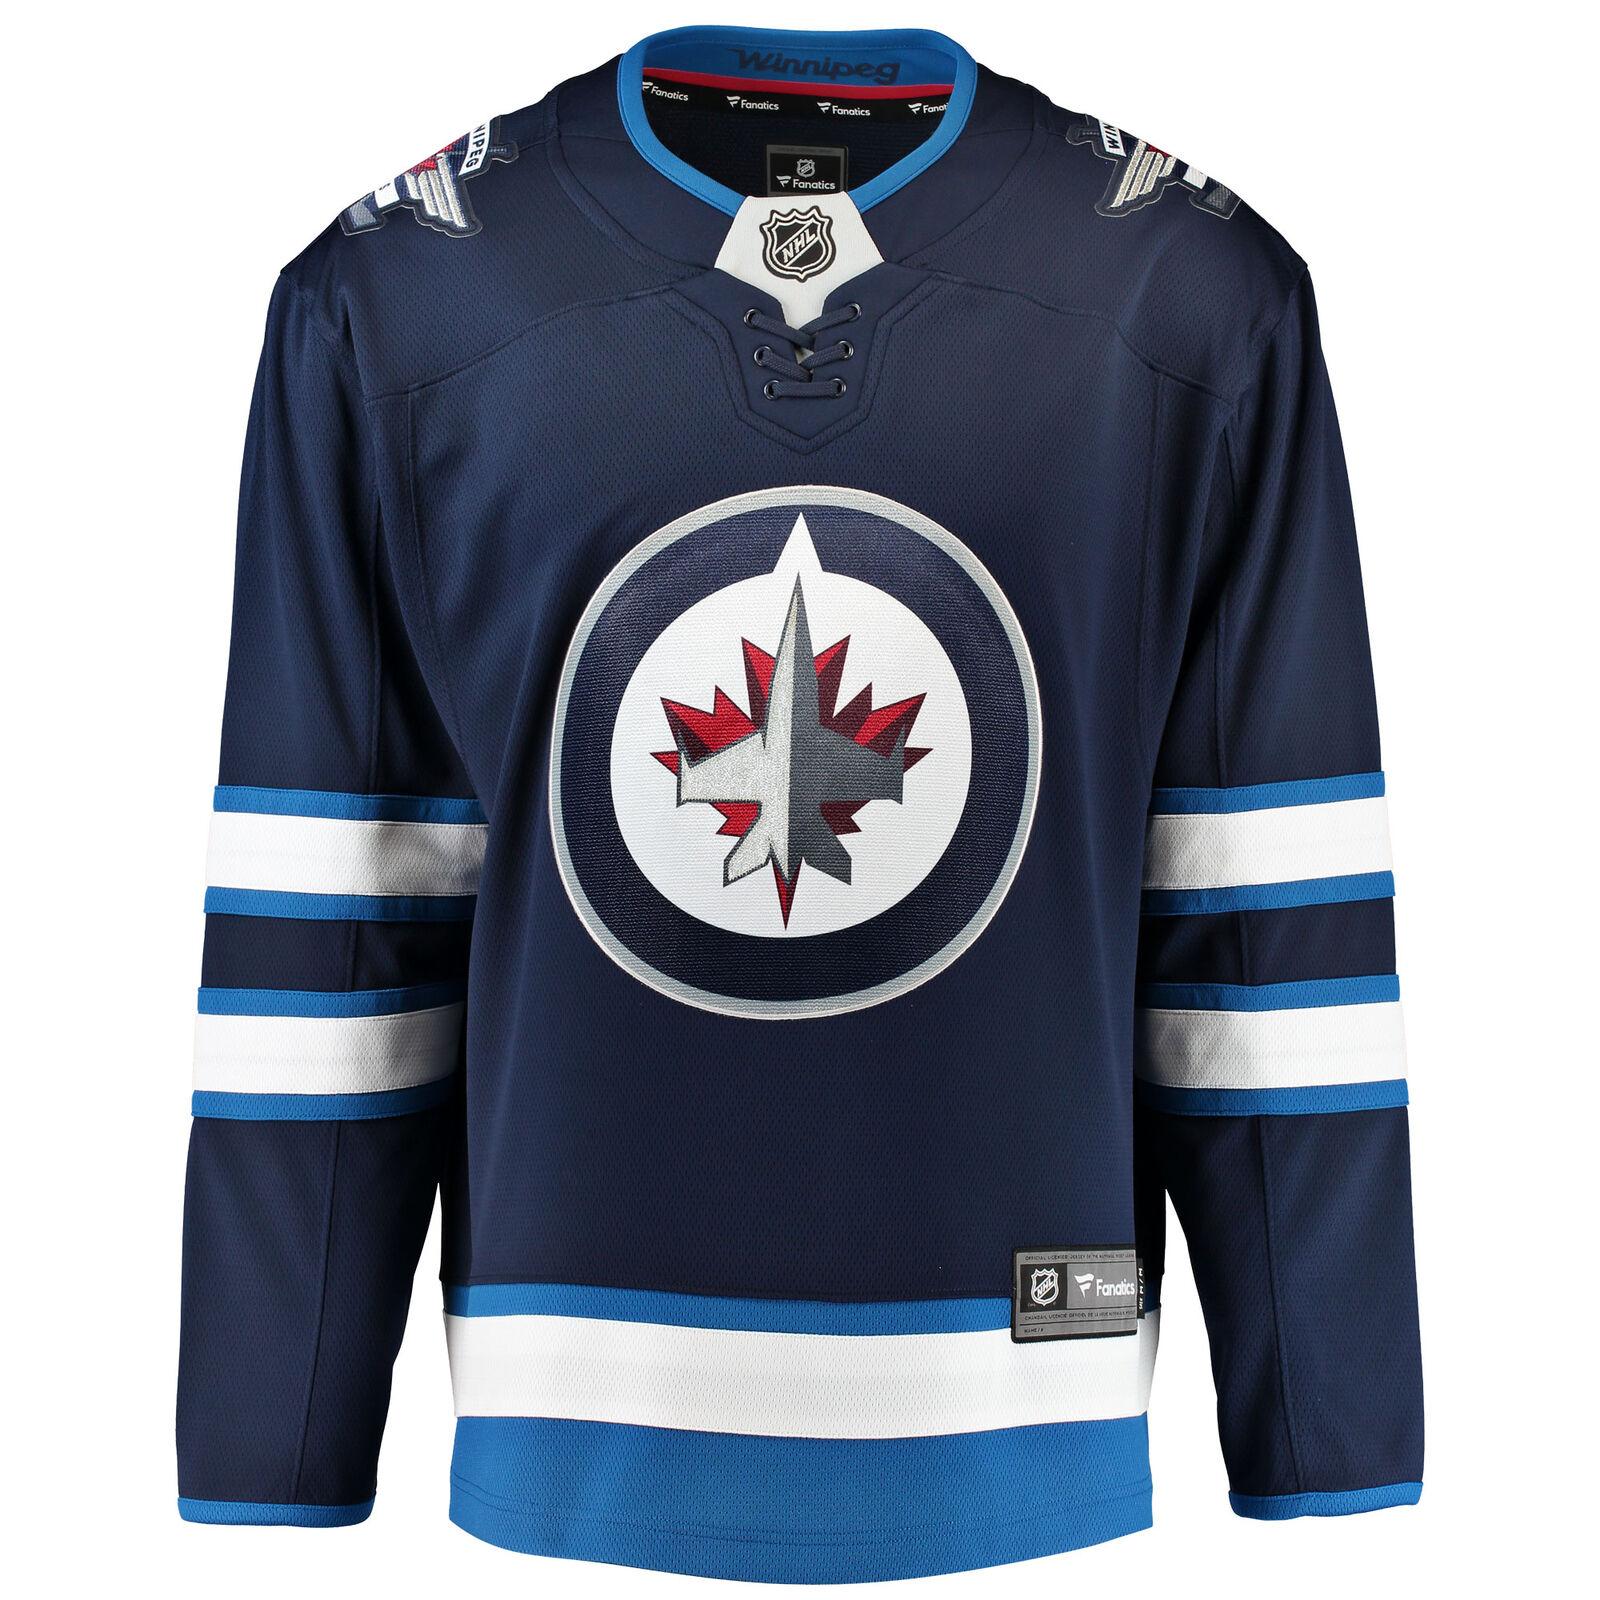 NHL Pittsburgh Penguins adidas Authentisch Kurzarm Climalite T Shirt Top Herren Weitere Wintersportarten Fanartikel